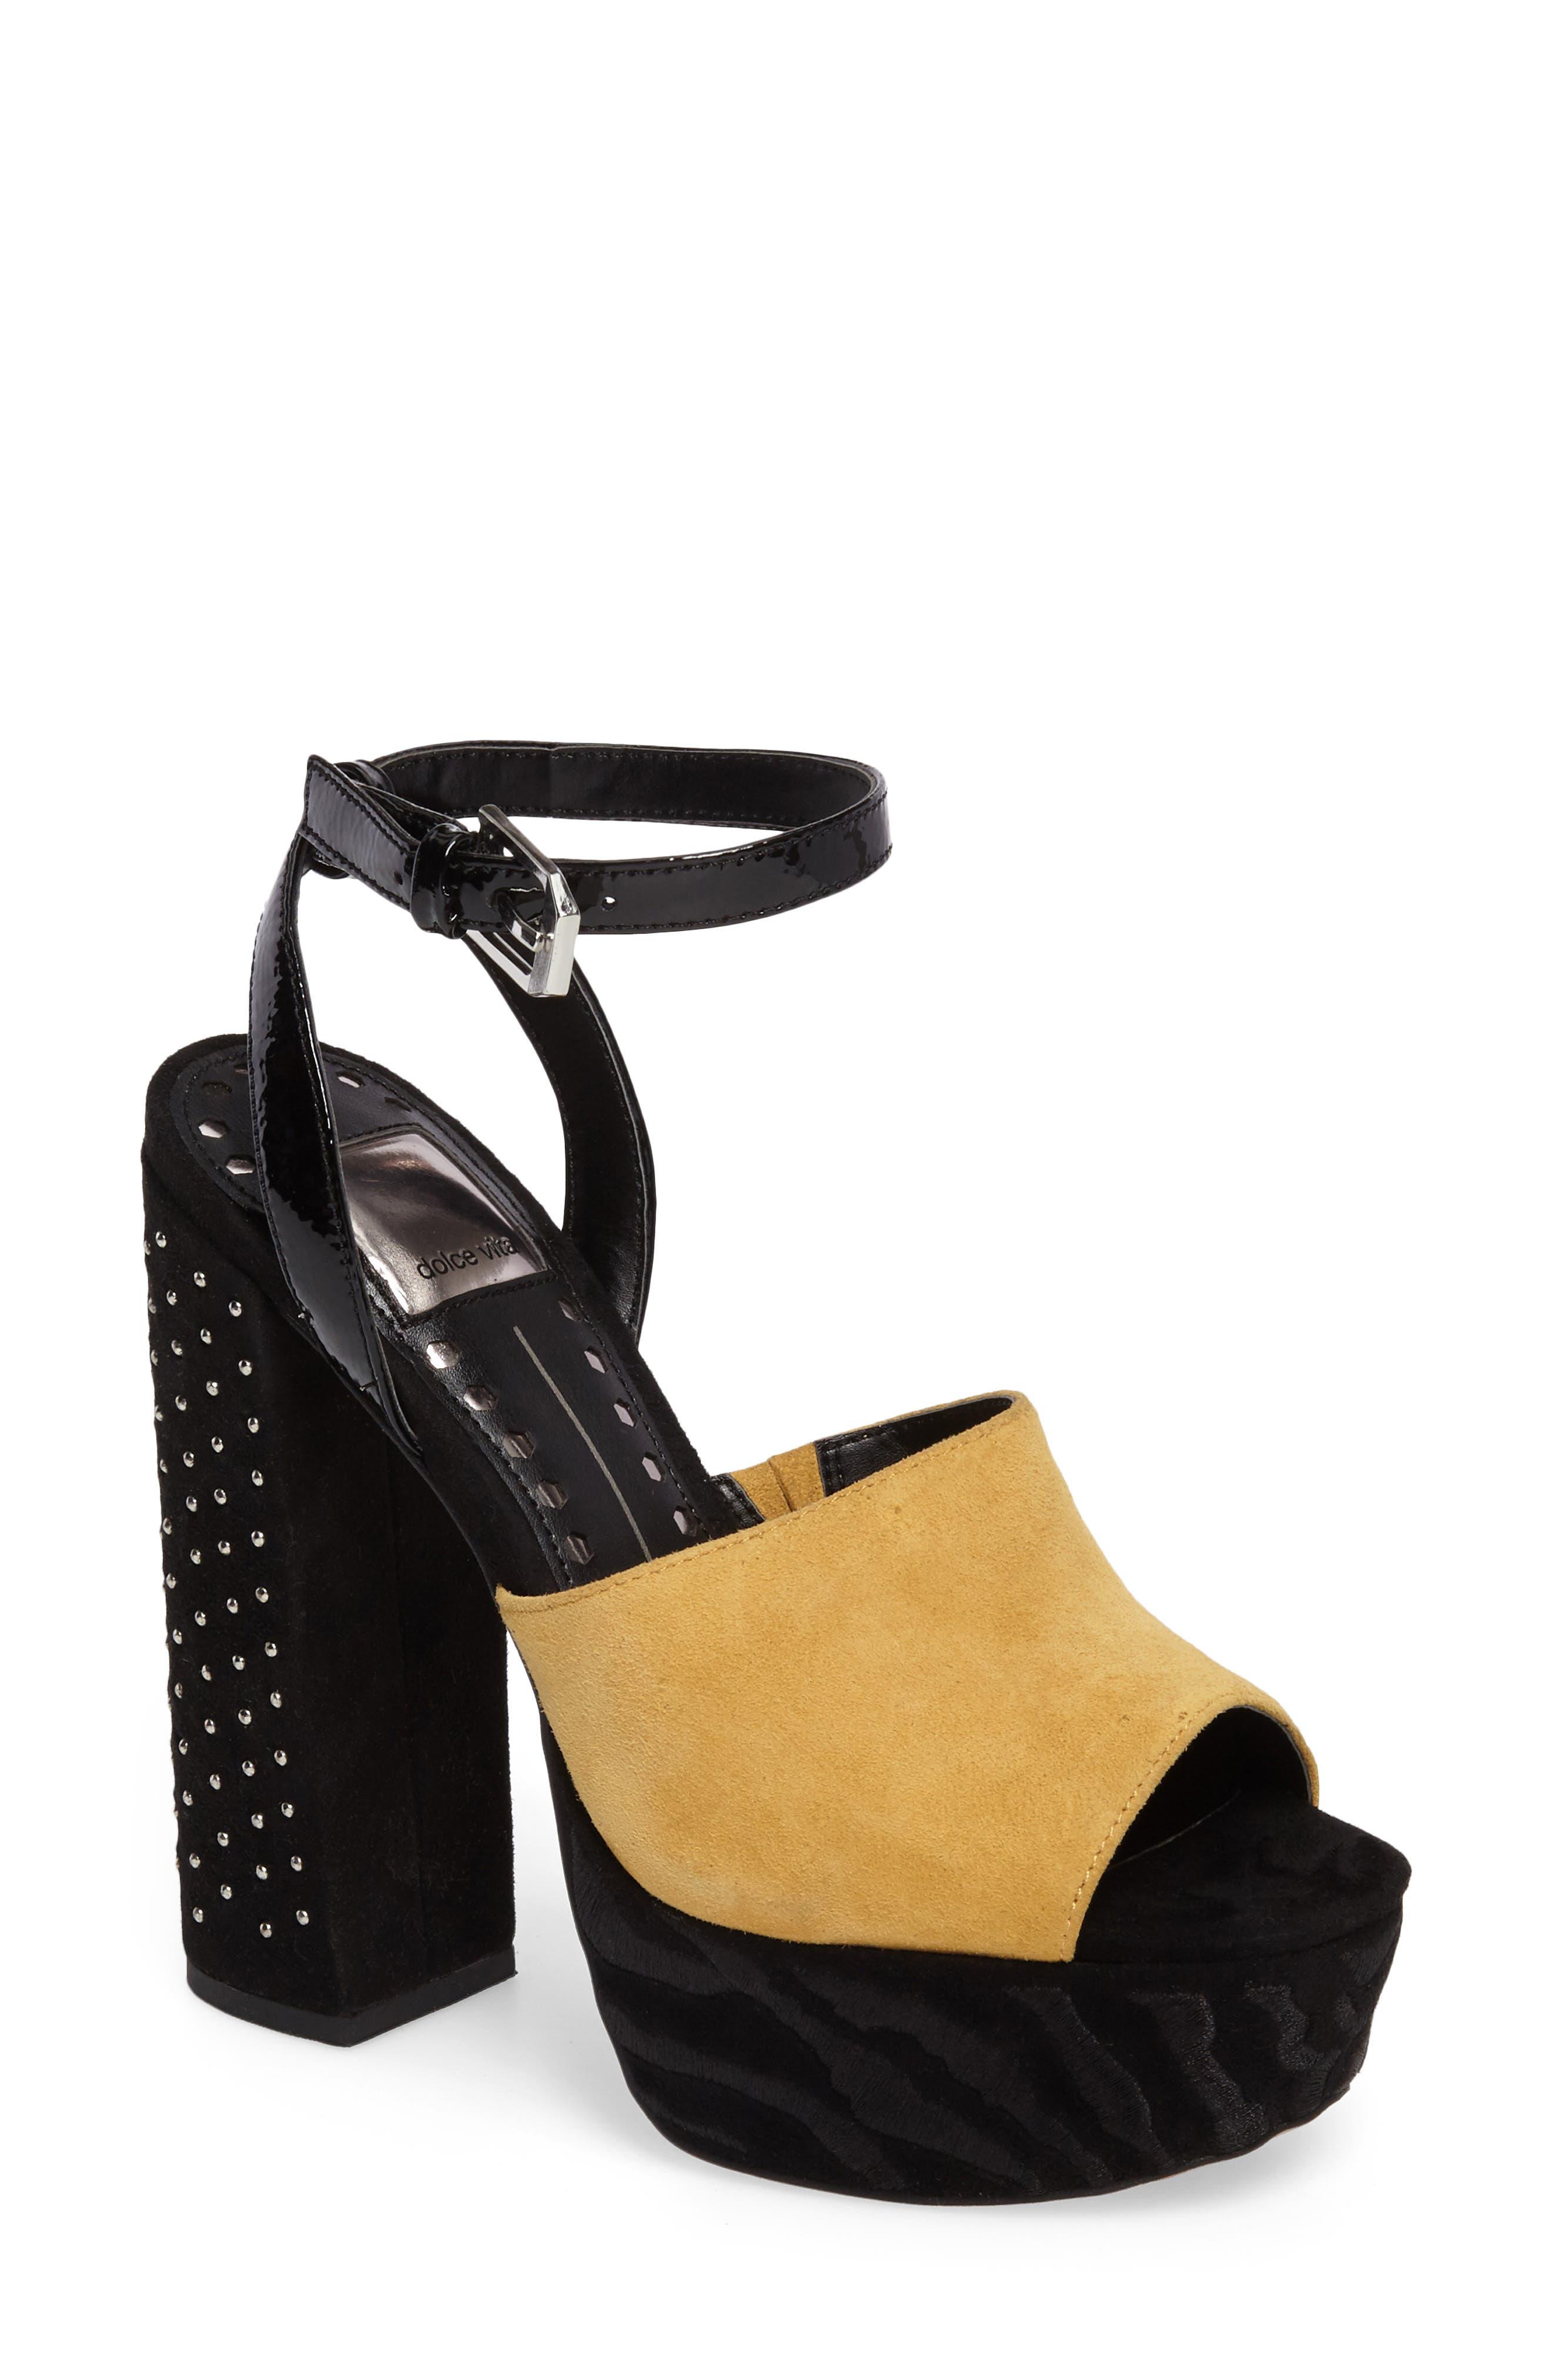 Main Image - Dolce Vita Platform Sandal (Women)